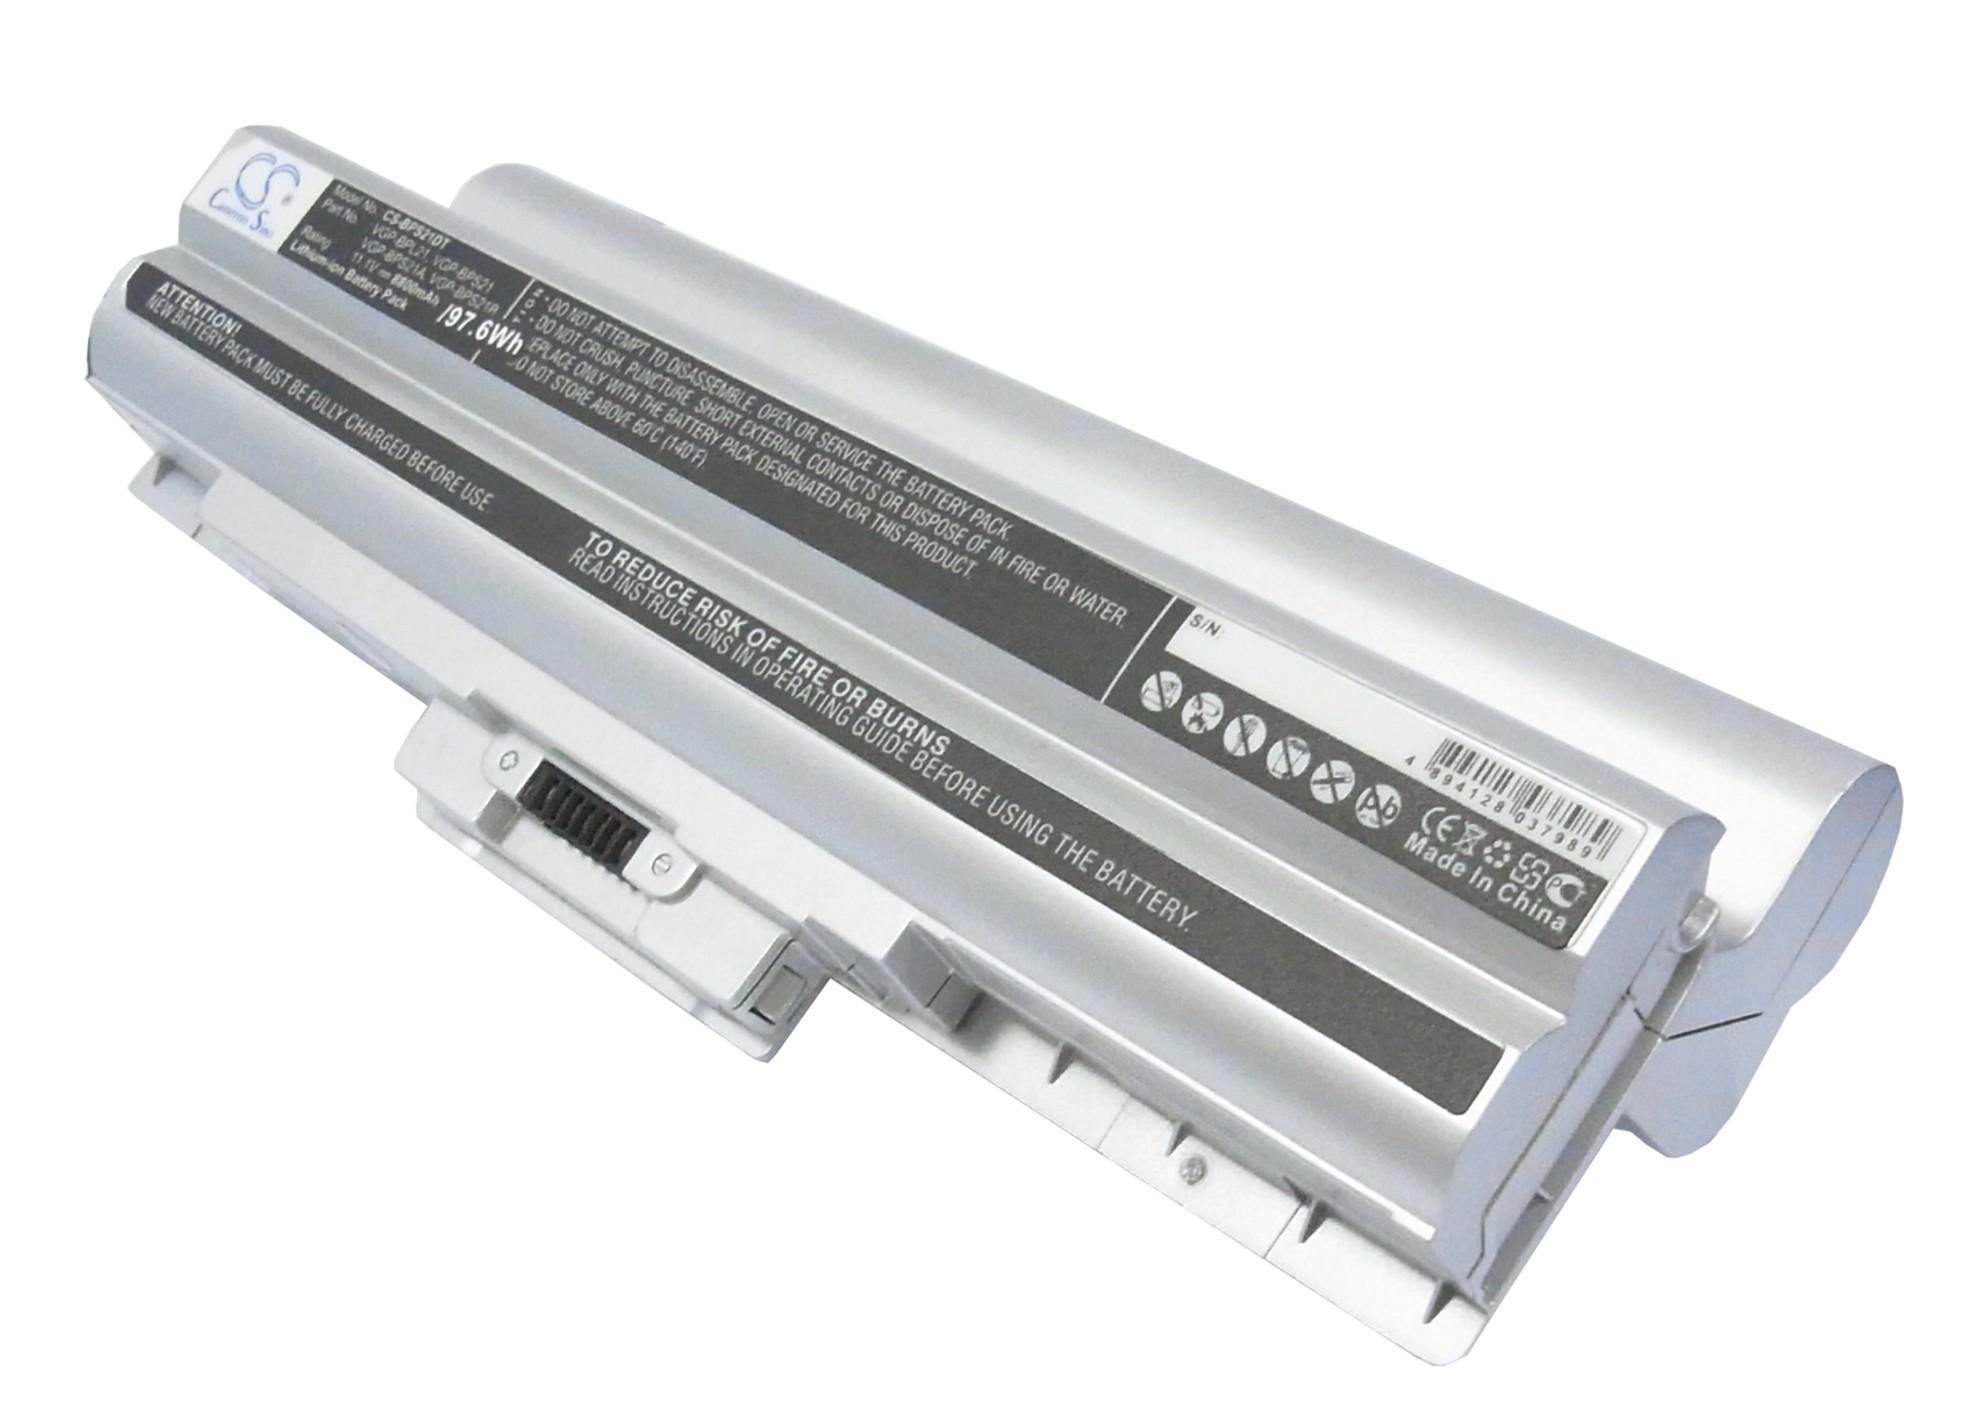 Cameron Sino baterie do notebooků pro SONY VAIO VGN-NW21MF 11.1V Li-ion 8800mAh stříbrná - neoriginální